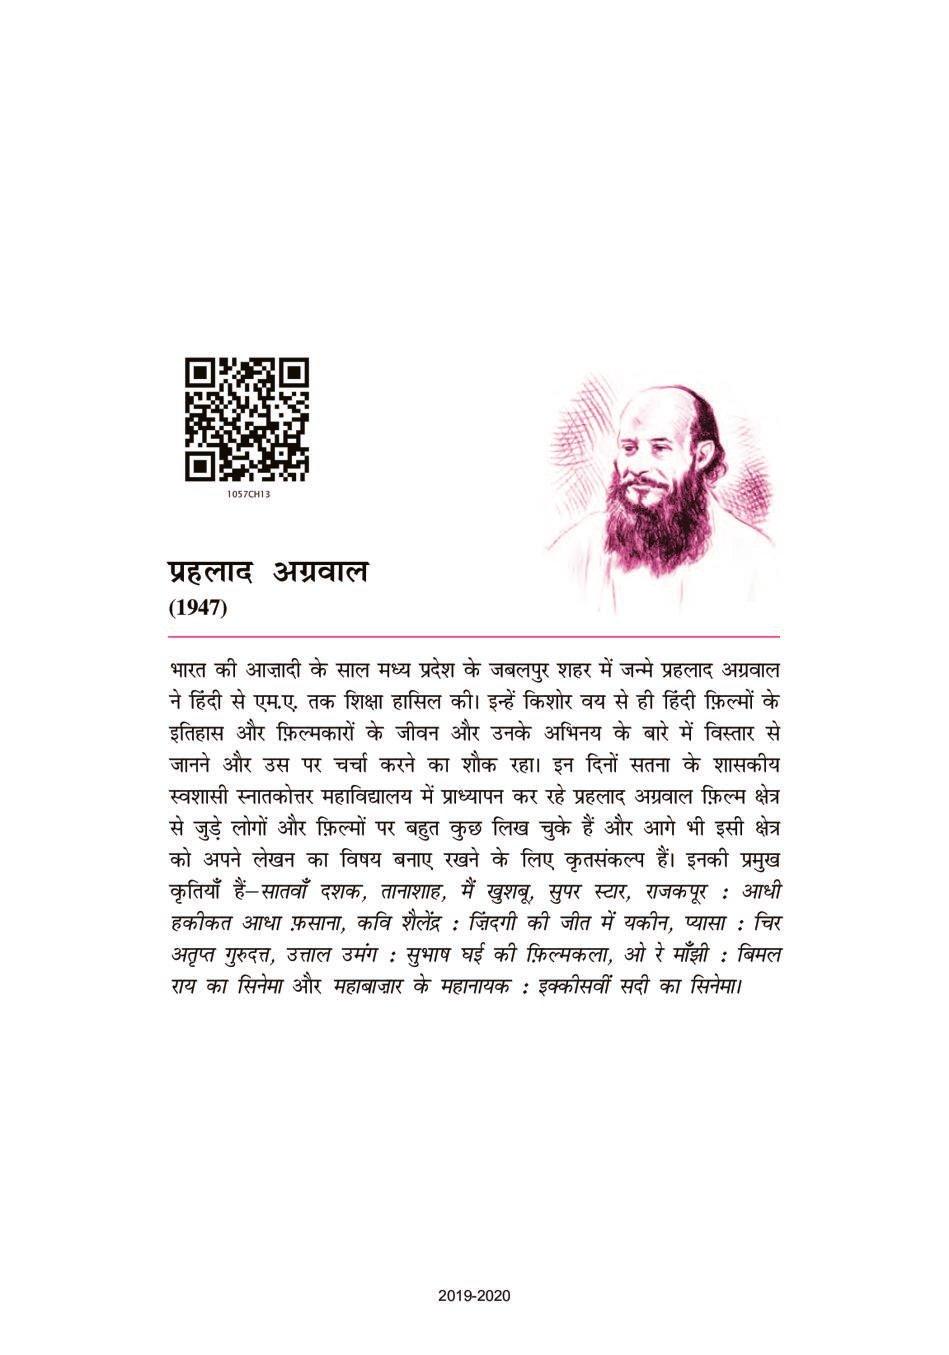 NCERT Book Class 10 Hindi (स्पर्श) Chapter 13 तीसरी कसम के शिल्पकार शैलेन्द्र - Page 1